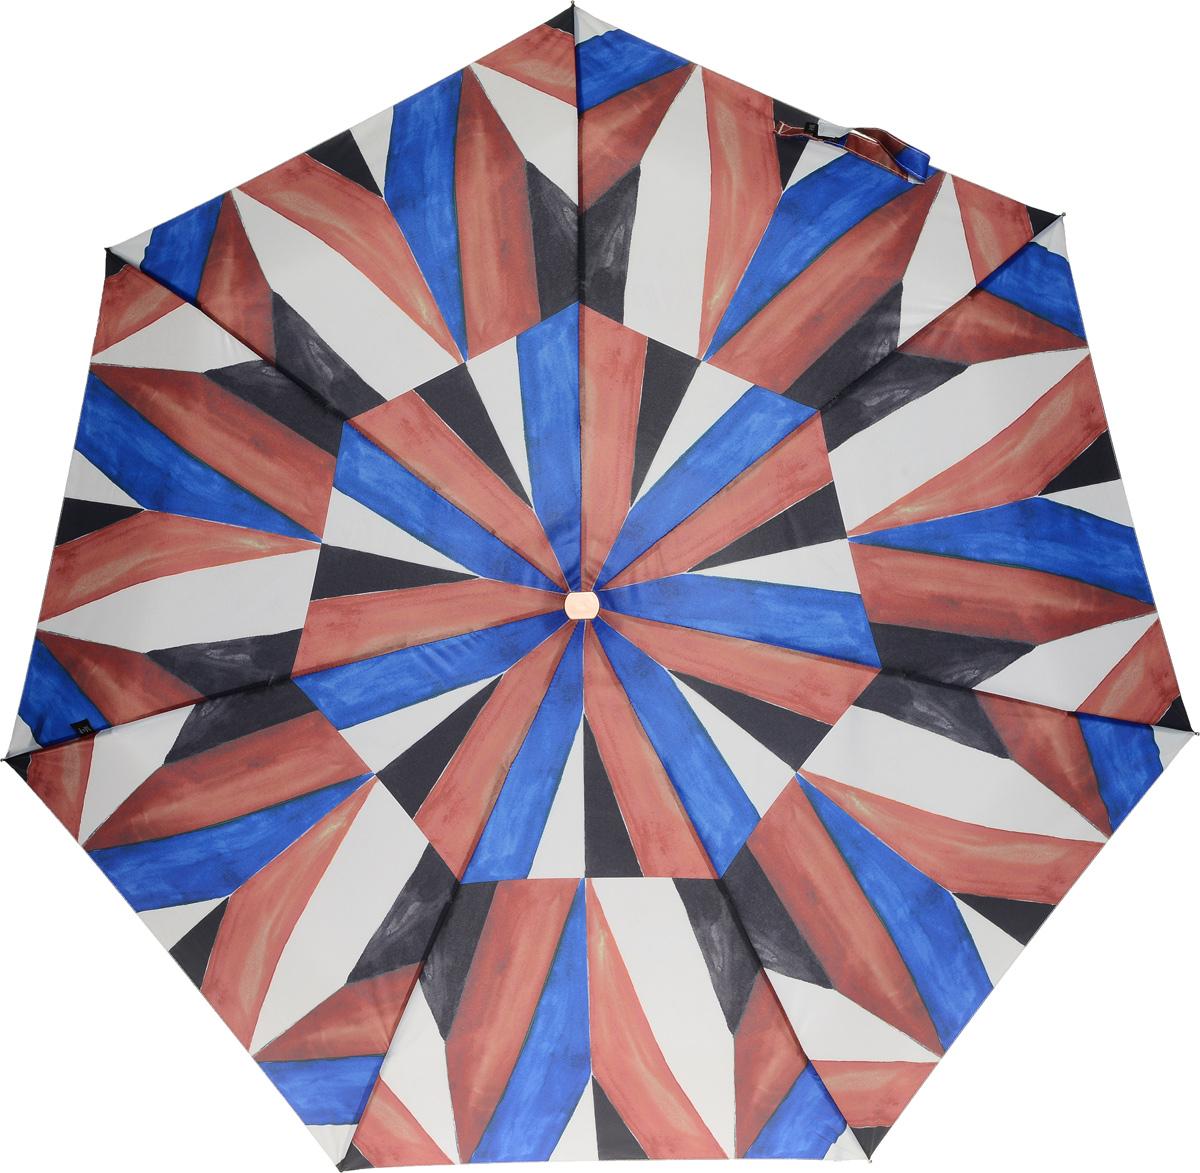 M&P 5869-2 Зонт полный автом. 4 сл. жен.REM12-GREYЗонт испанского производителя Clima. В производстве зонтов используются современные материалы, что делает зонты легкими, но в то же время крепкими. Полный автомат, 4 сложения, 7 спиц, полиэстер.